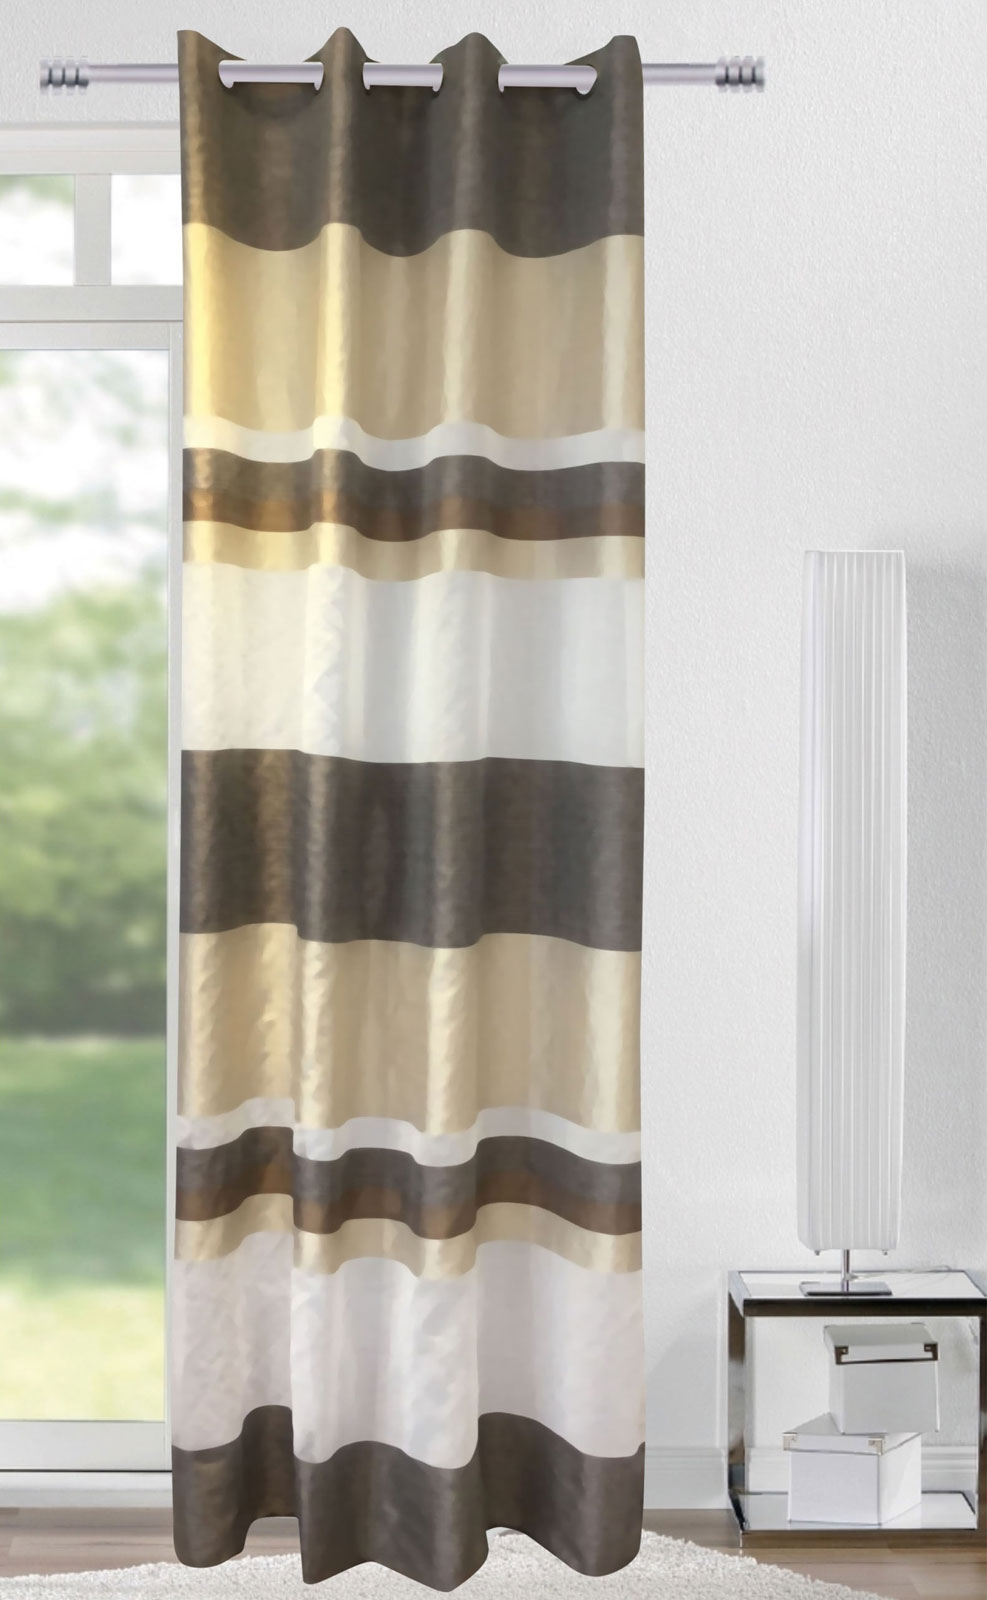 Gardinen und Vorhänge - Ösenschal Vorhang Gardine 140x245 Stripes braun beige weiß 400288  - Onlineshop PremiumShop321